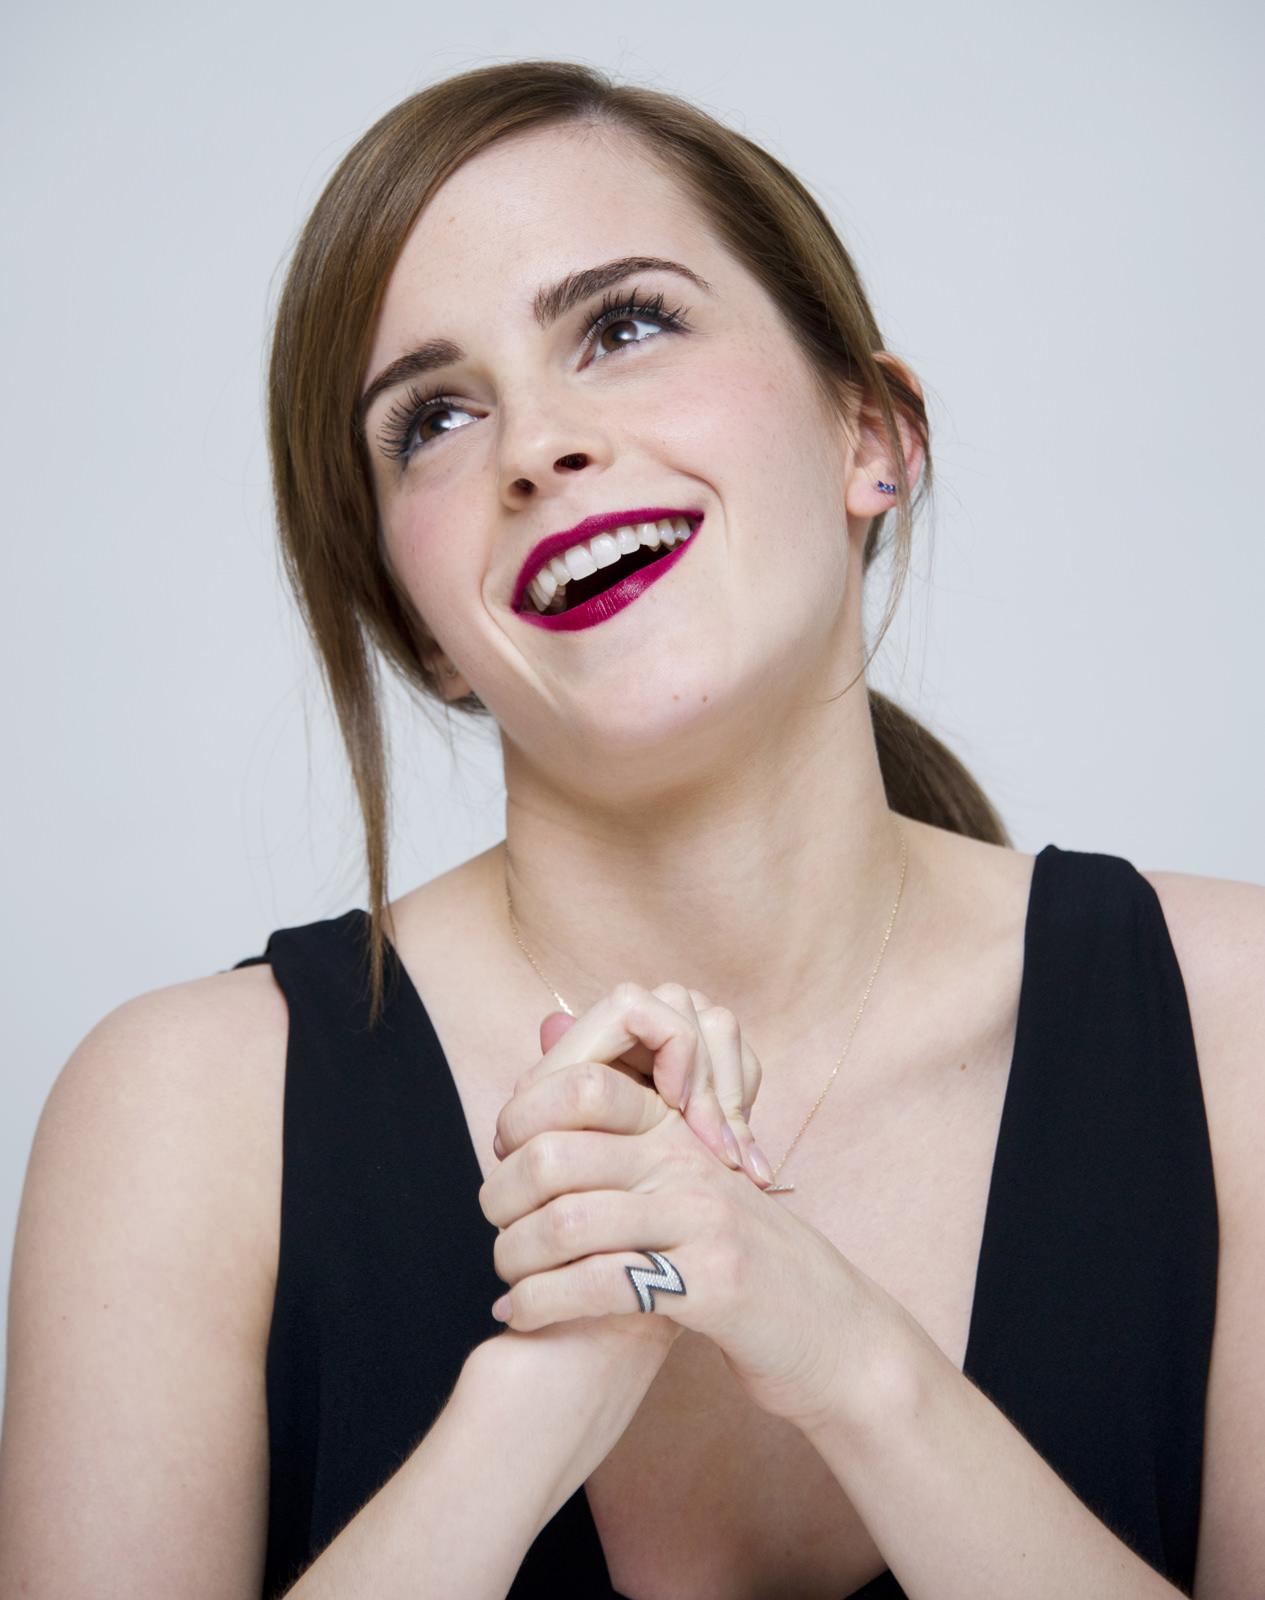 Emma Watson Photo Gallery